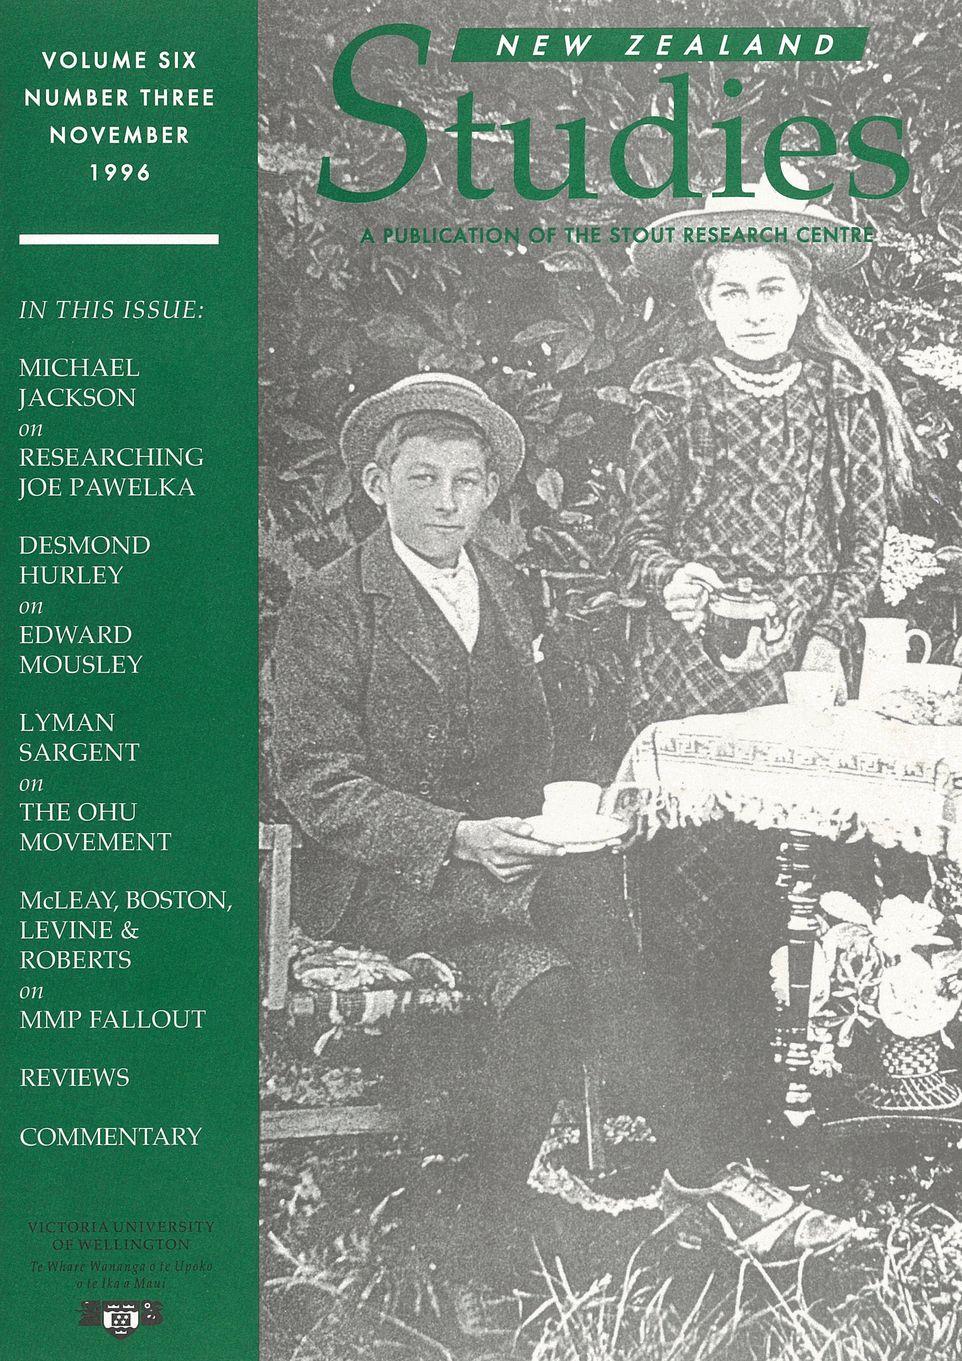 New Zealand Studies 1996 Vol.6 No.3